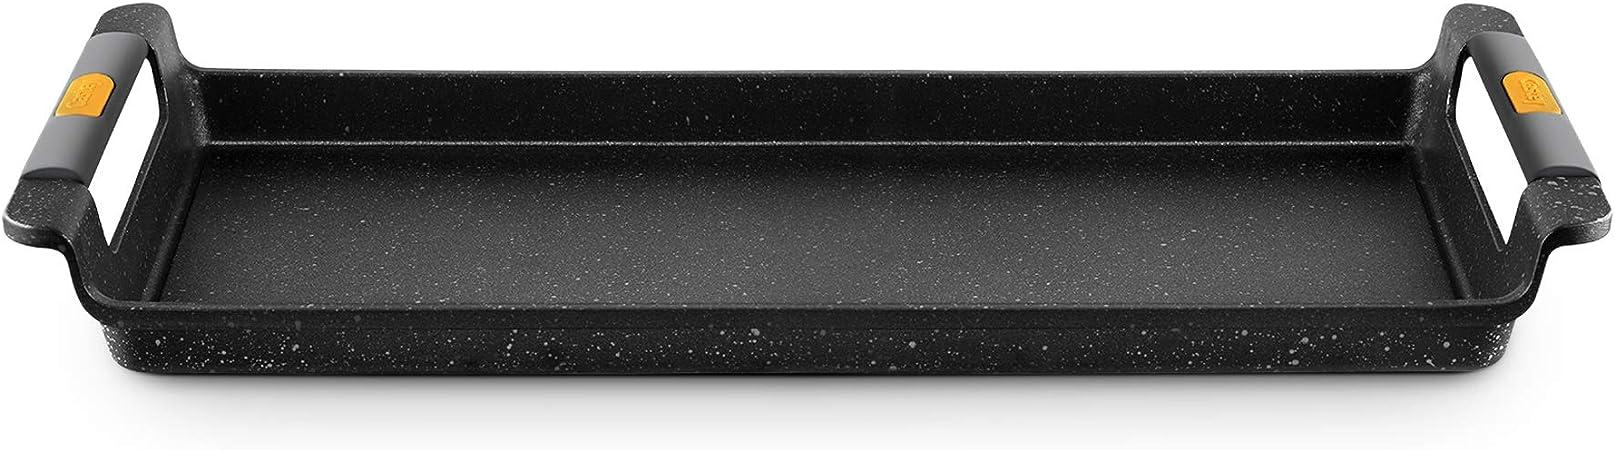 Castey Vassoio Grill adatto a induzione Nero 35 cm